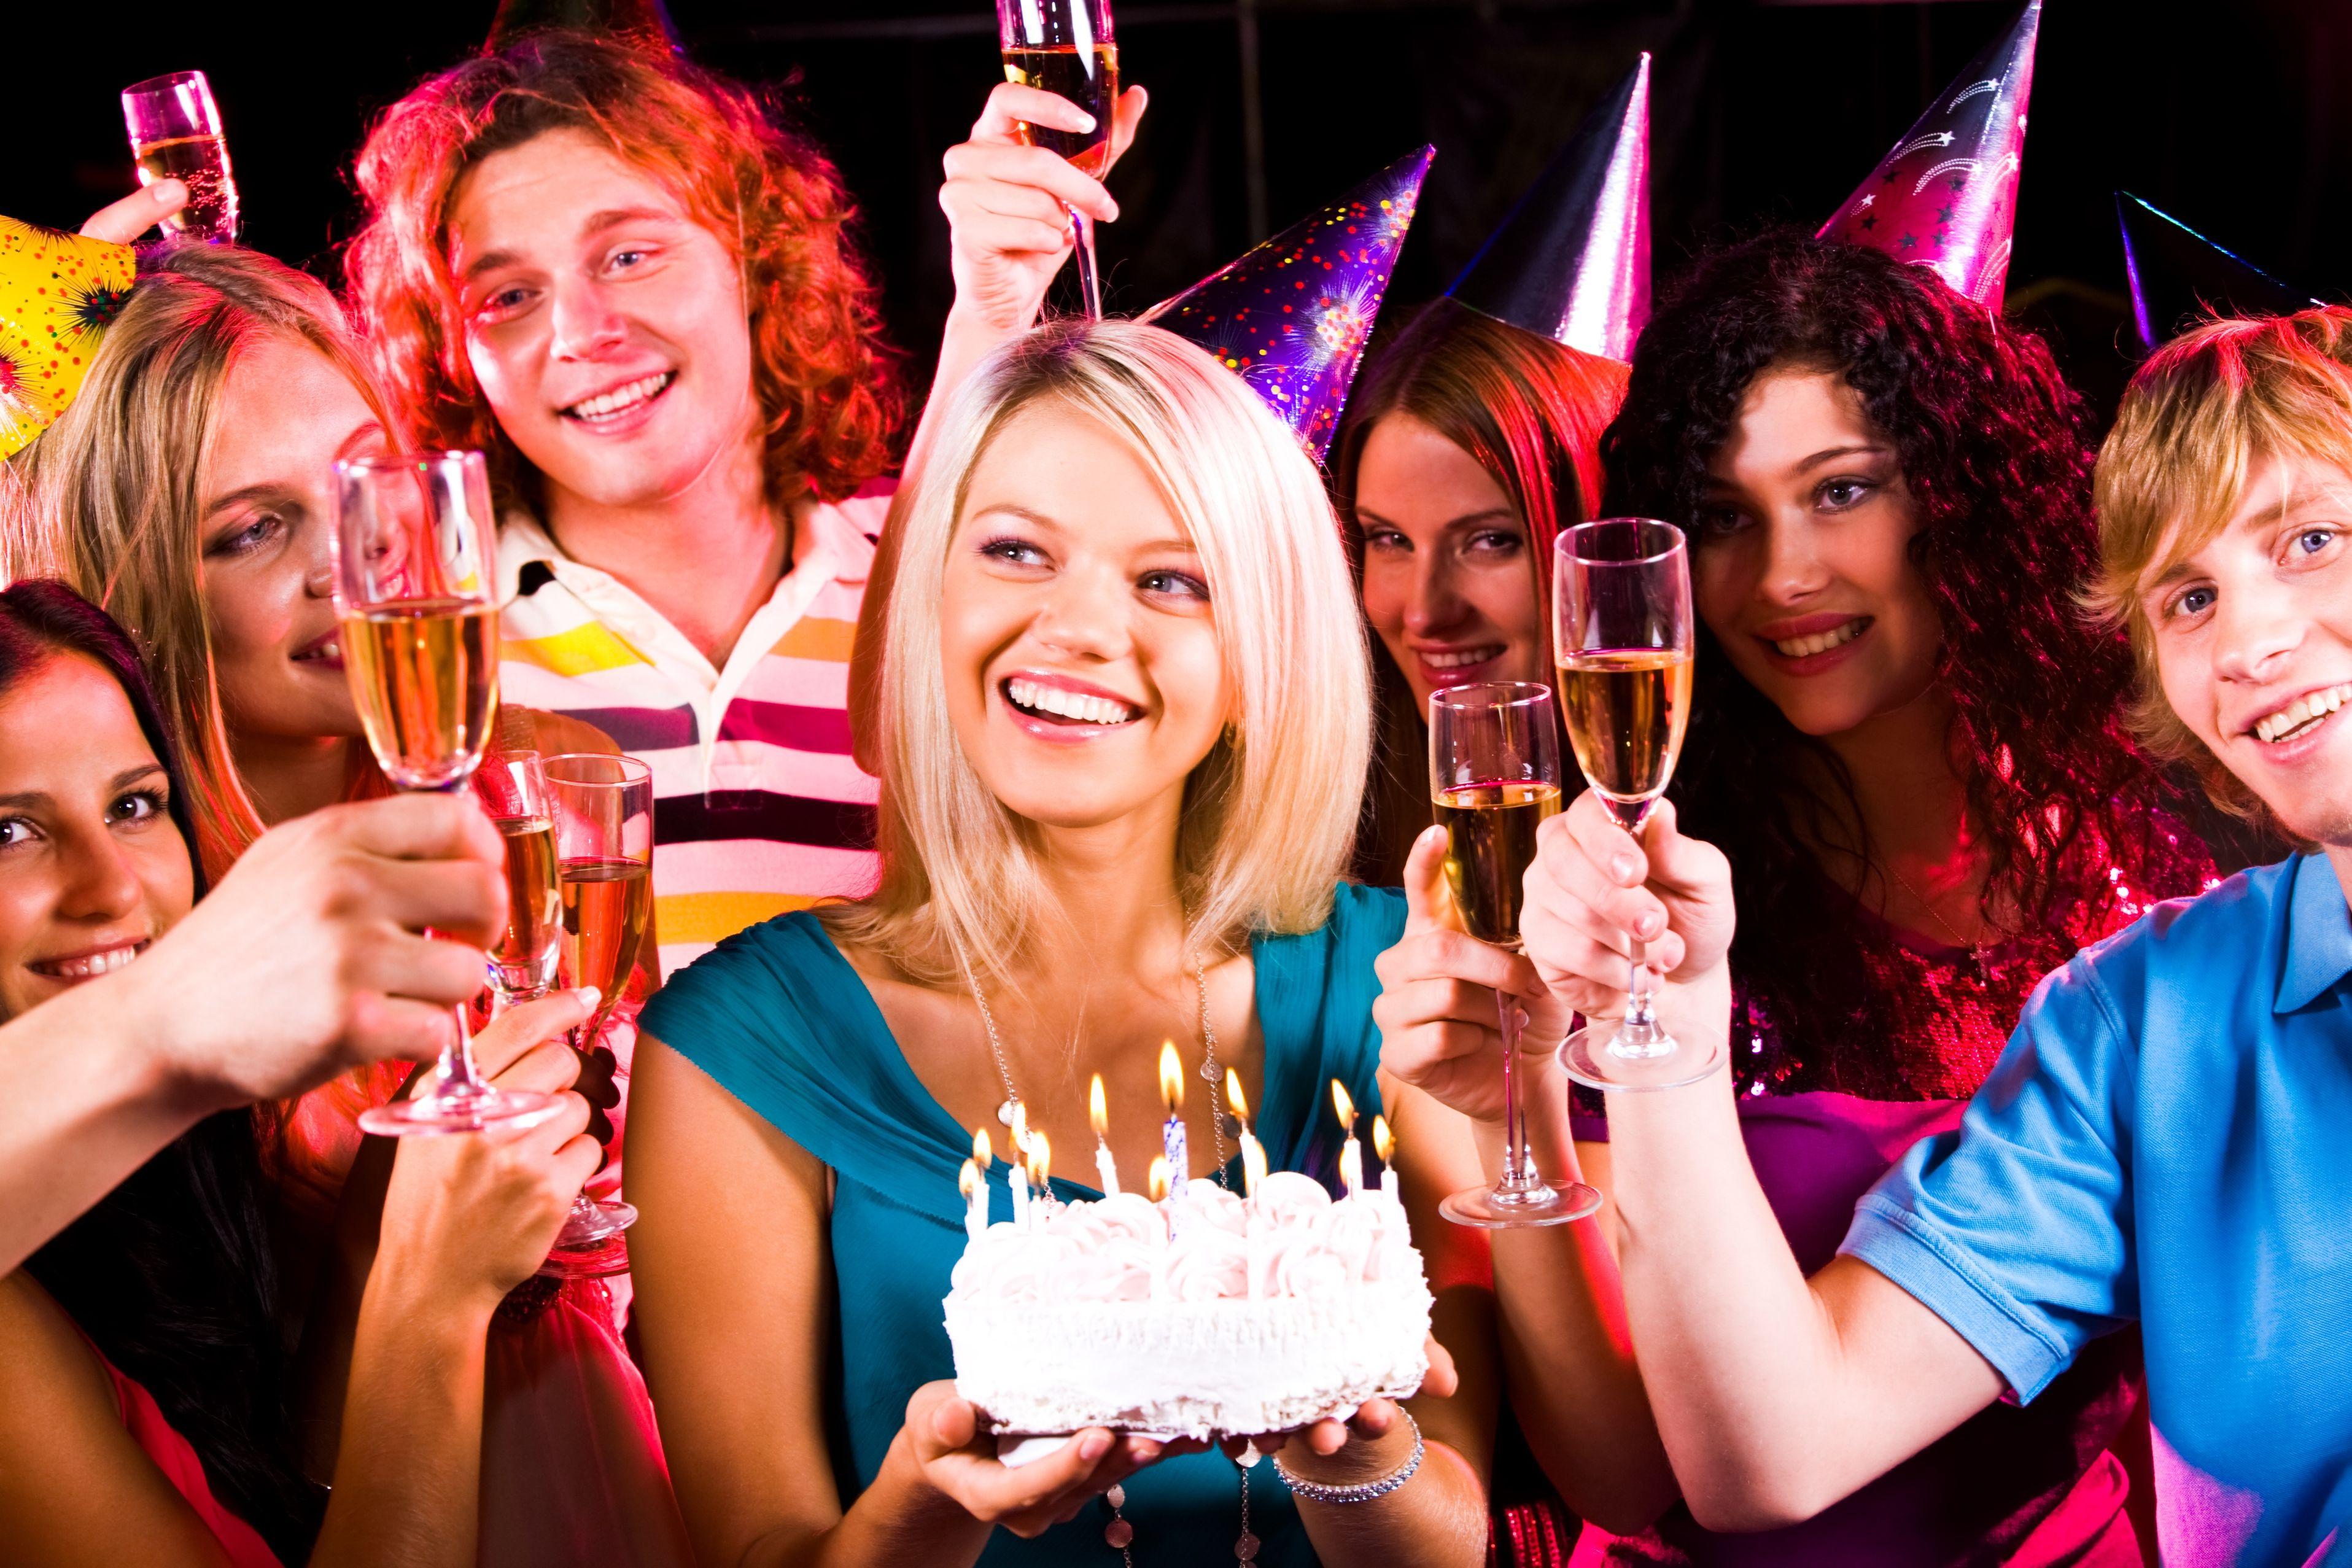 Конкурсы для день рождения девушки